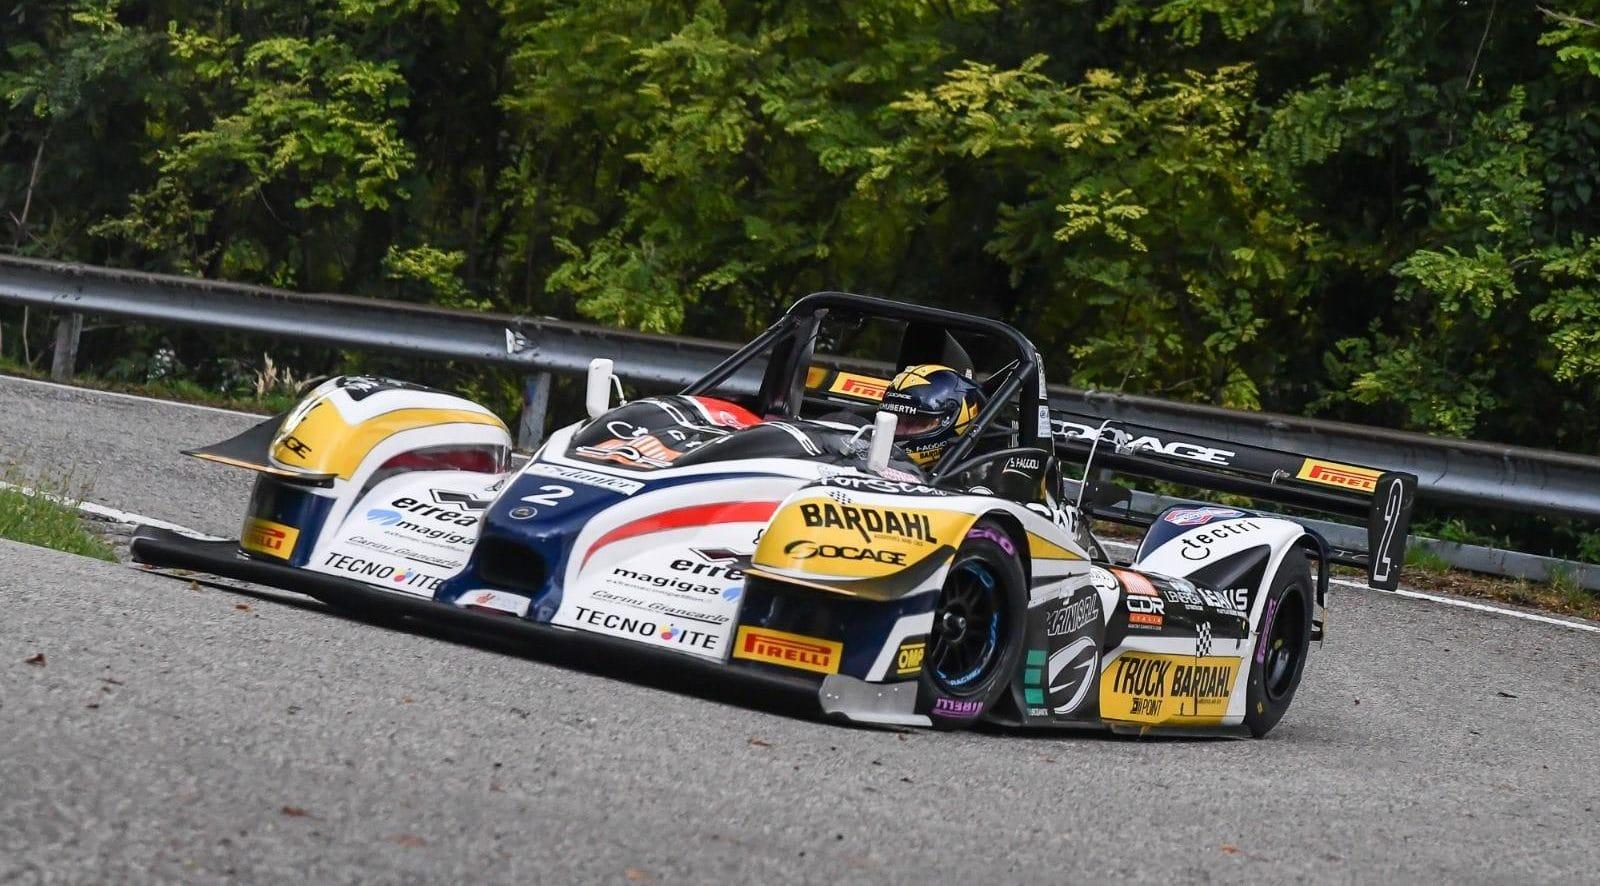 Victoire et record de Simone Faggioli au 43ème Cividale-Castelmonte